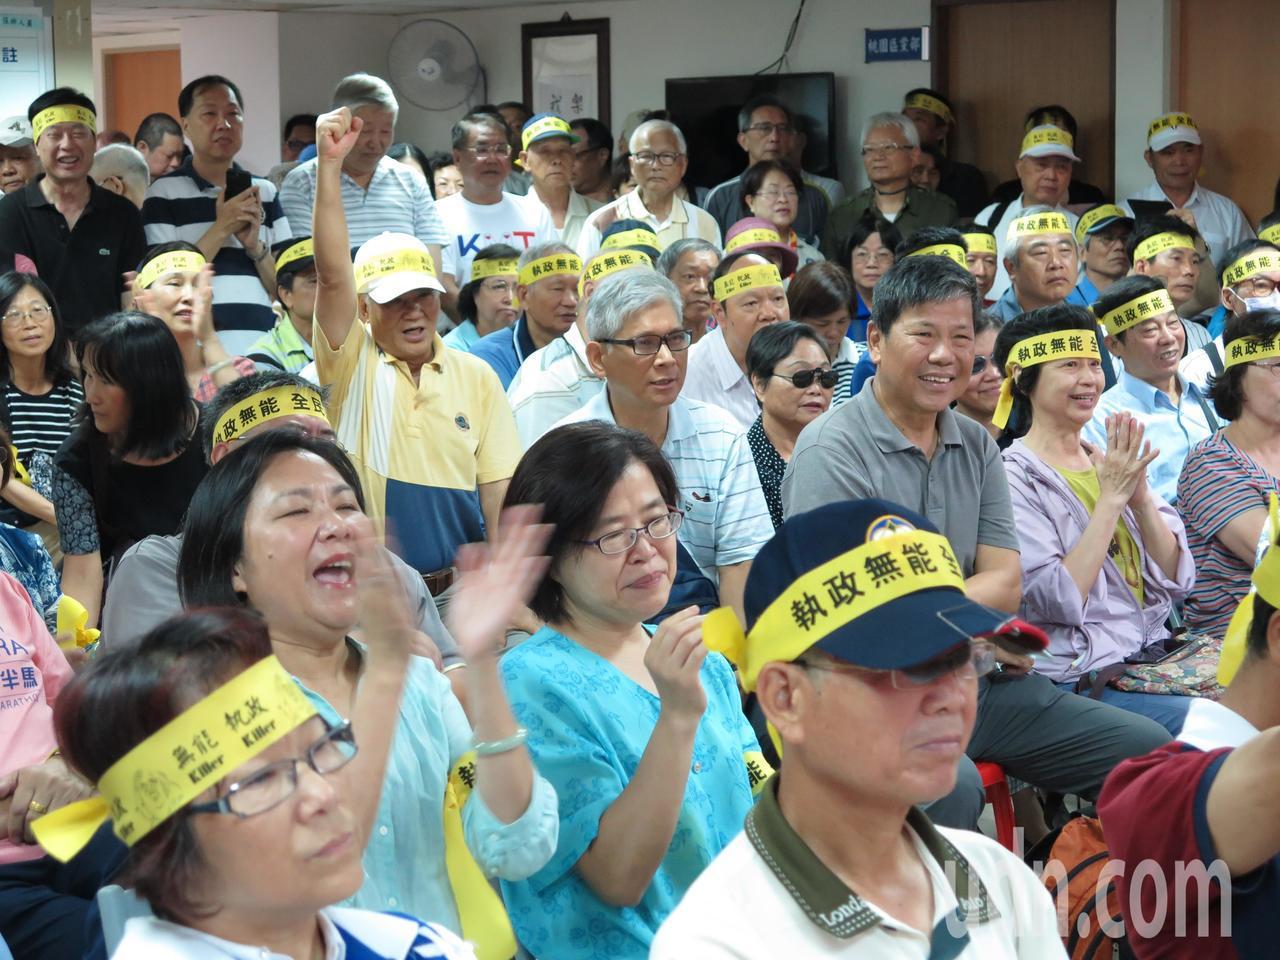 聲援軍公教警消草根釋憲連署說明會今天前進北台灣桃園,許多退休軍公教人士頭綁黃布條...